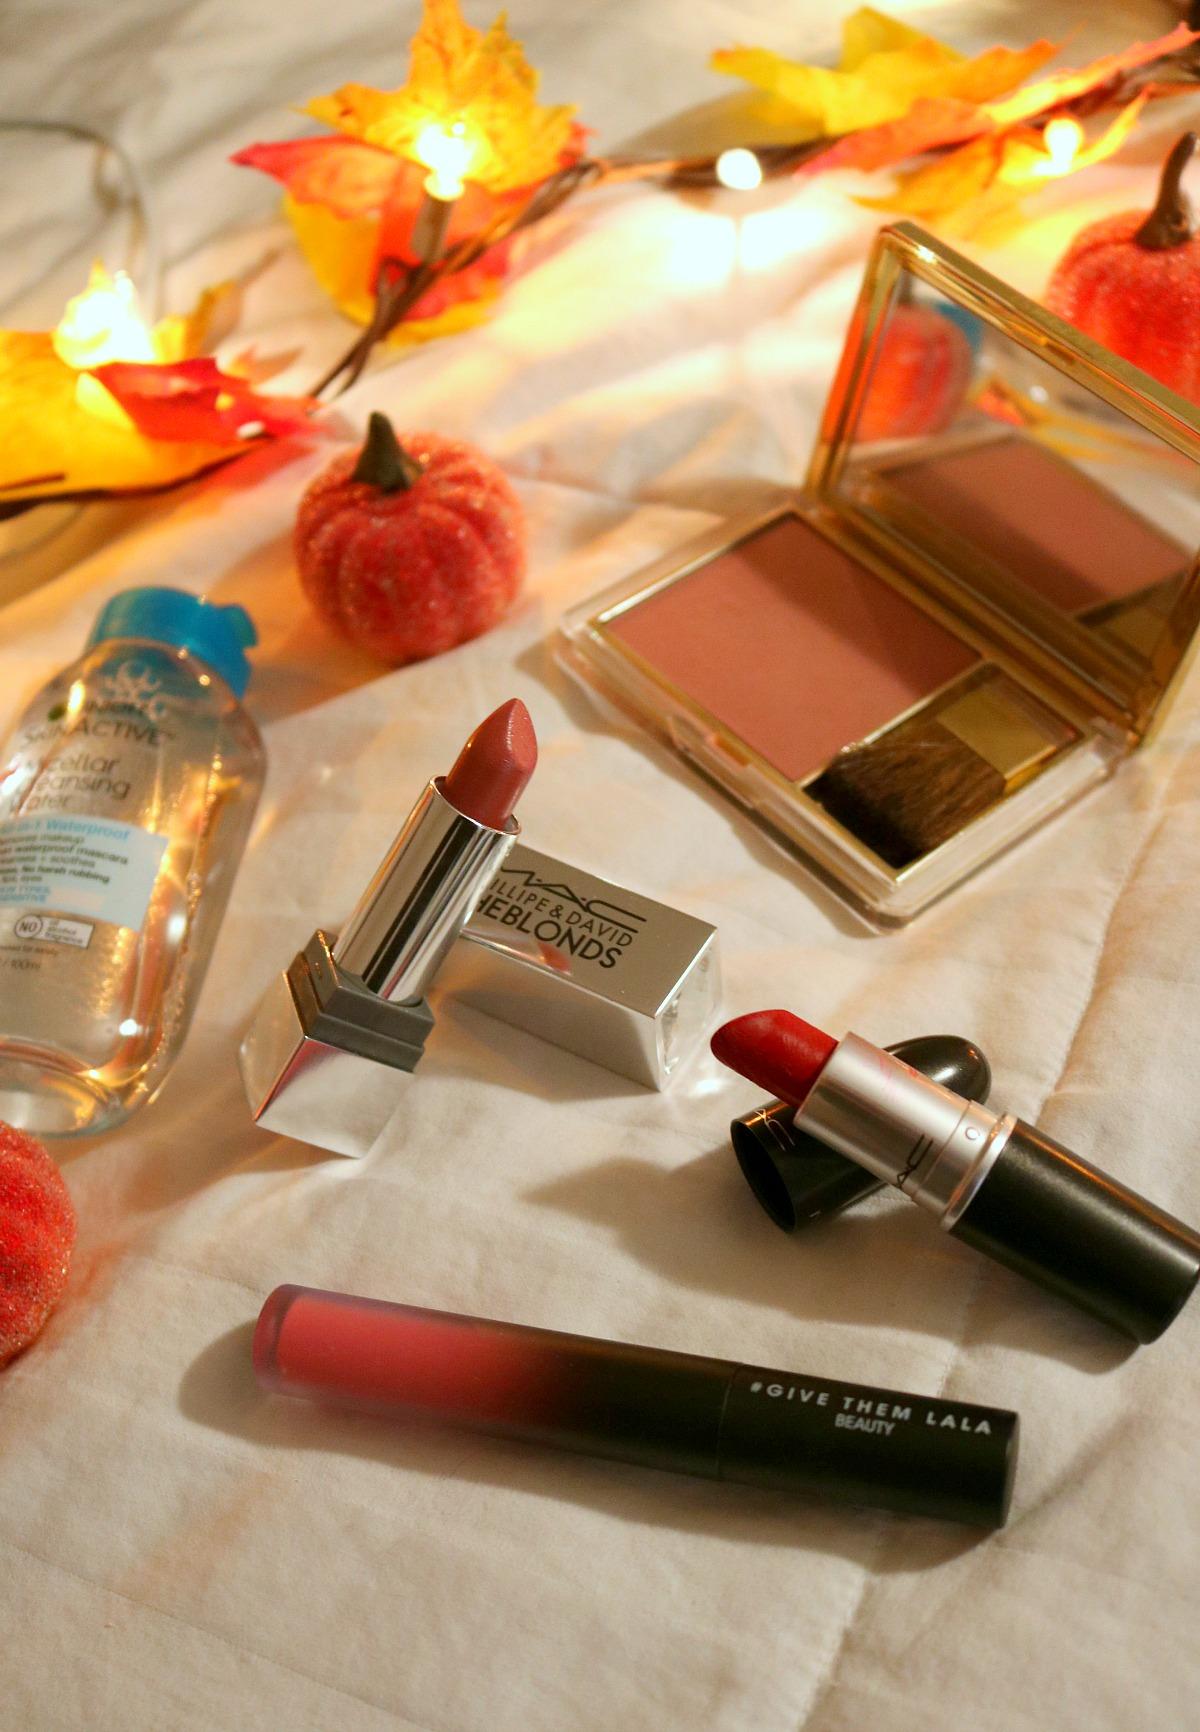 Fall Travel Makeup Bag I DreaminLace.com #TravelMakeup #FallMakeup